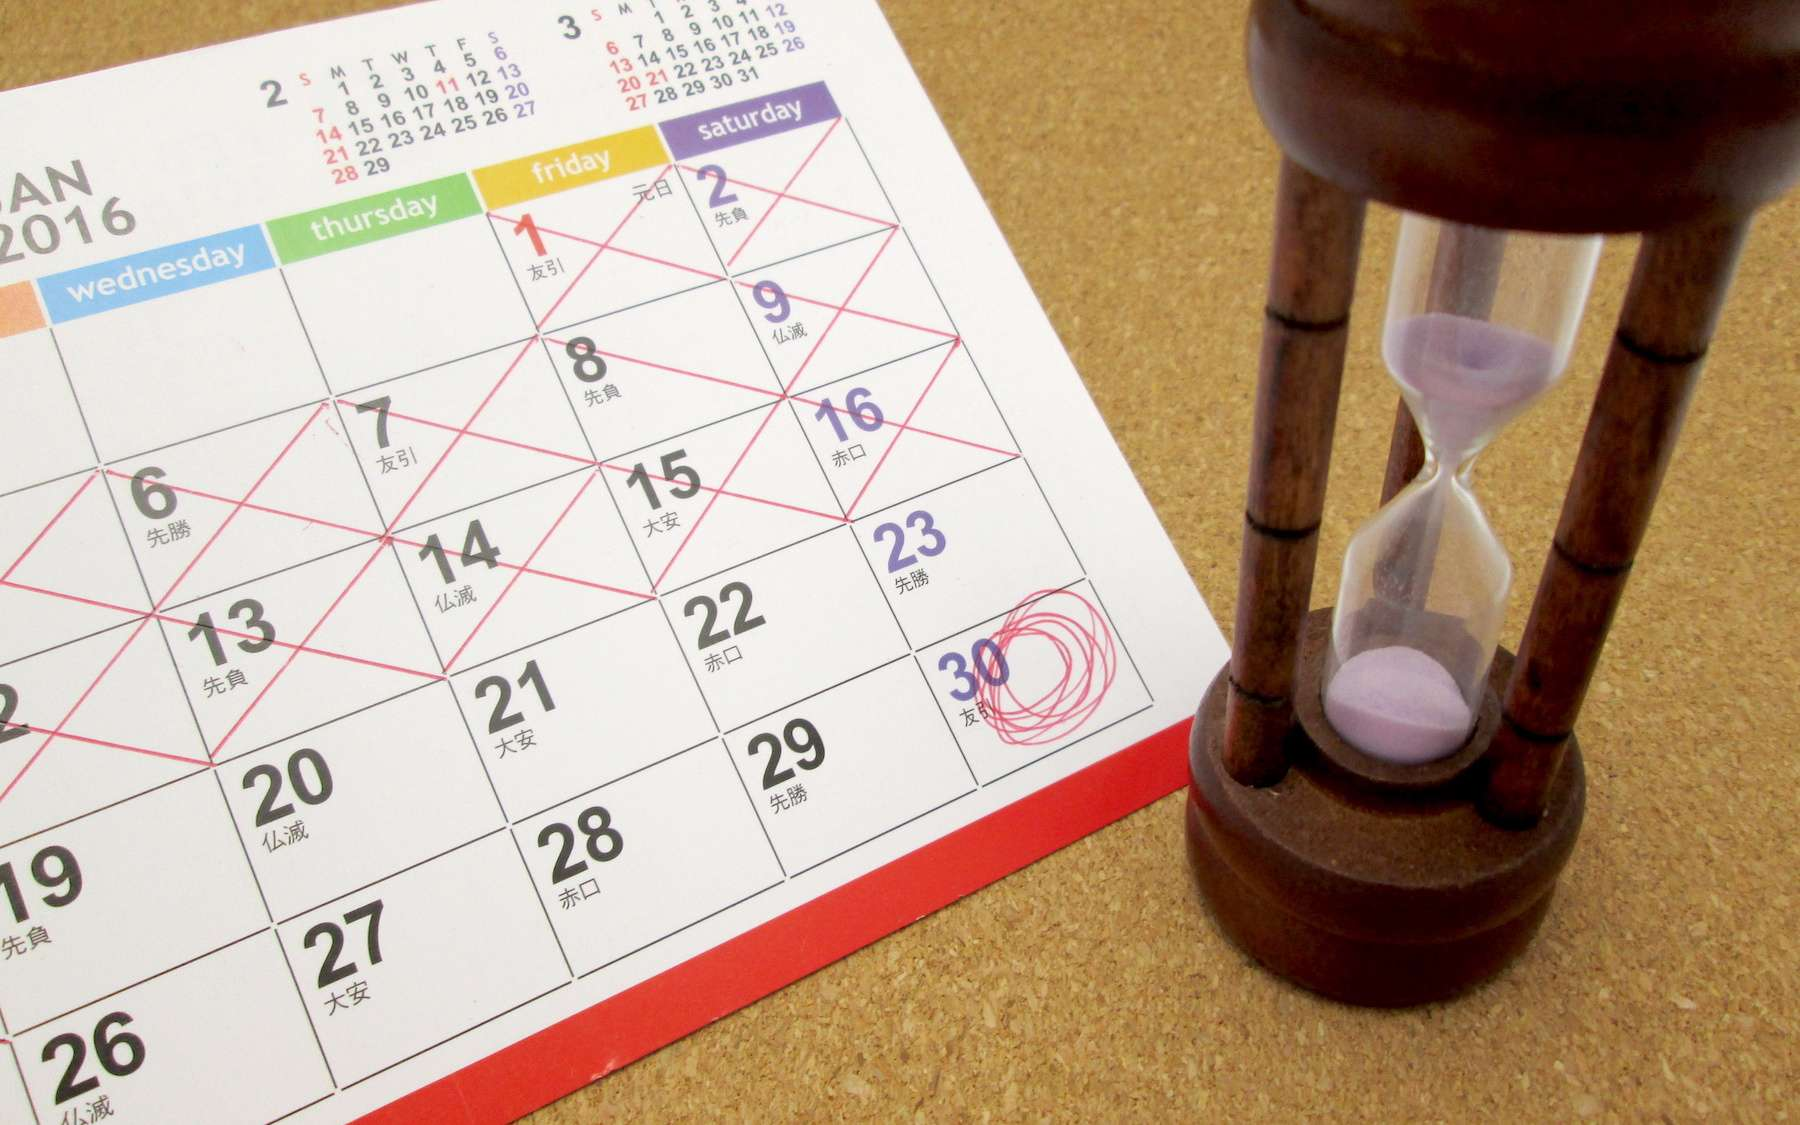 Annoncé jusqu'au 1er décembre, le confinement sera très probablement reconduit. © BBuilder, Adobe Stock